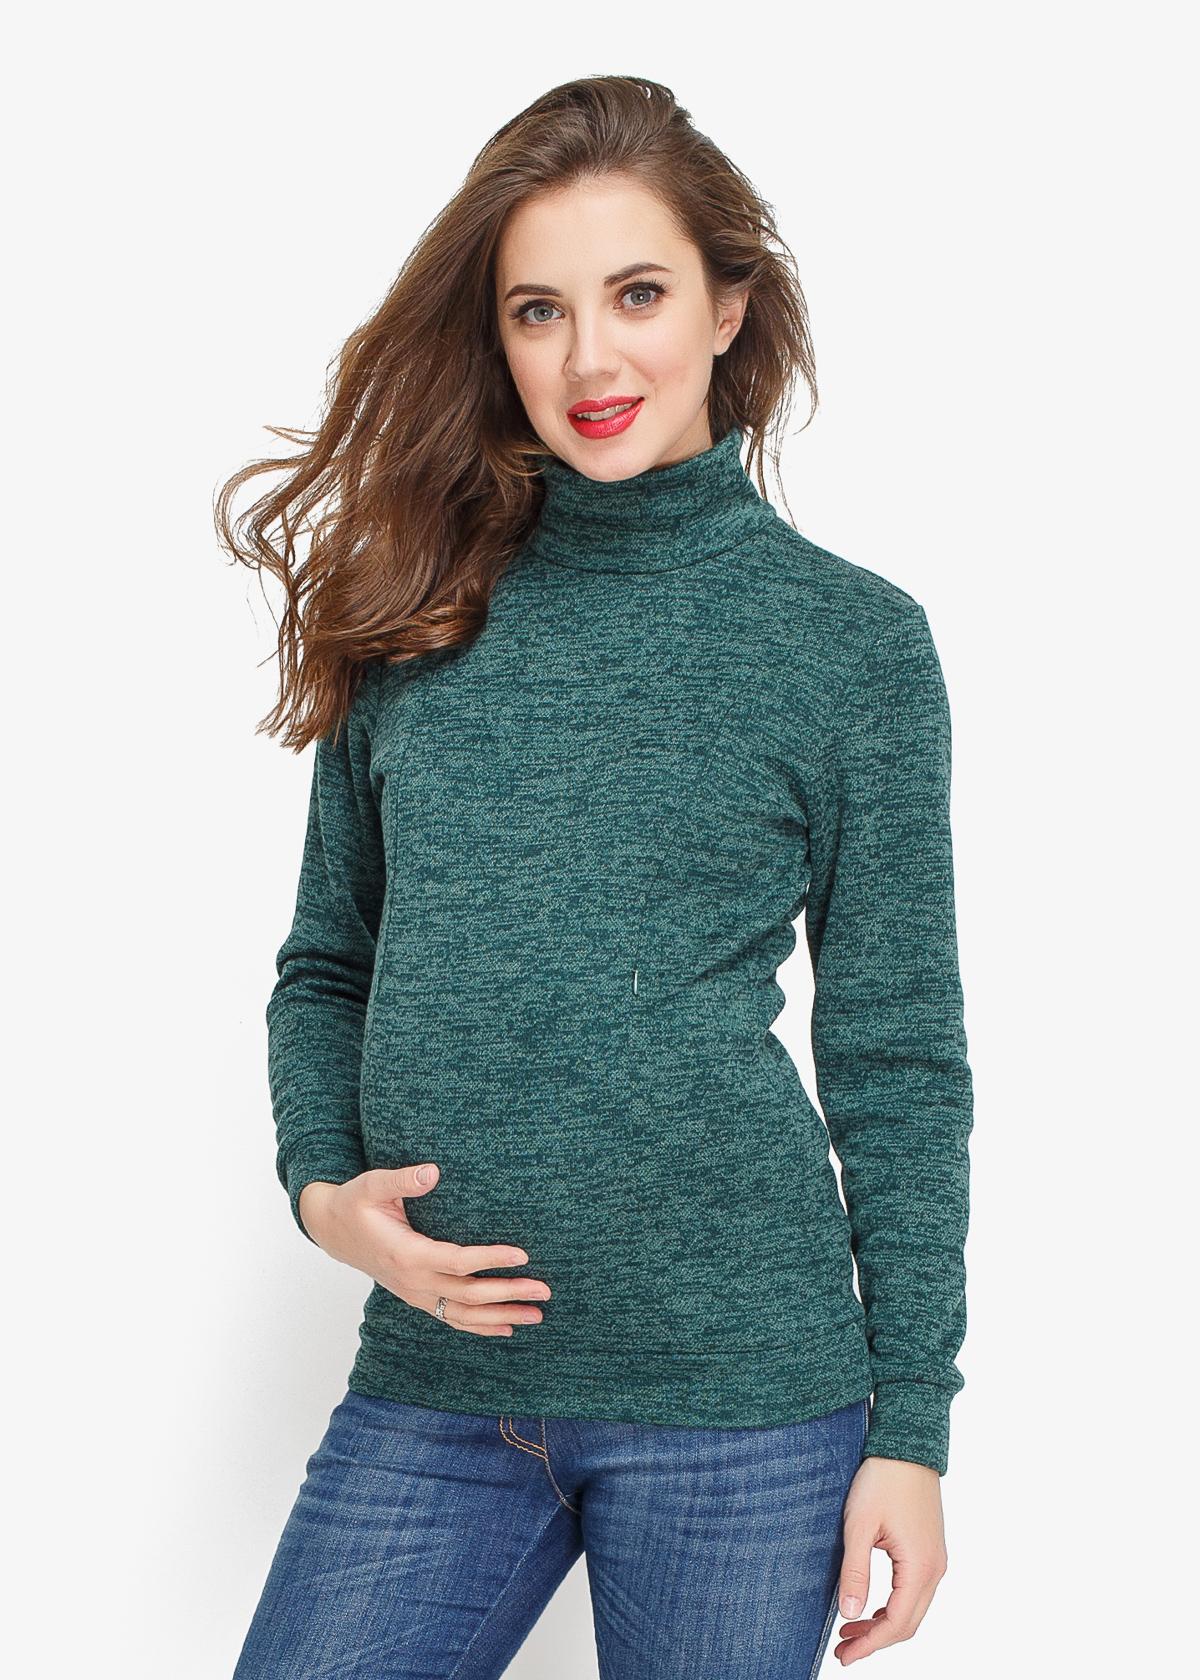 Фото: одежда для беременных от Креатив Мама - Красивая водолазка Greneery 1